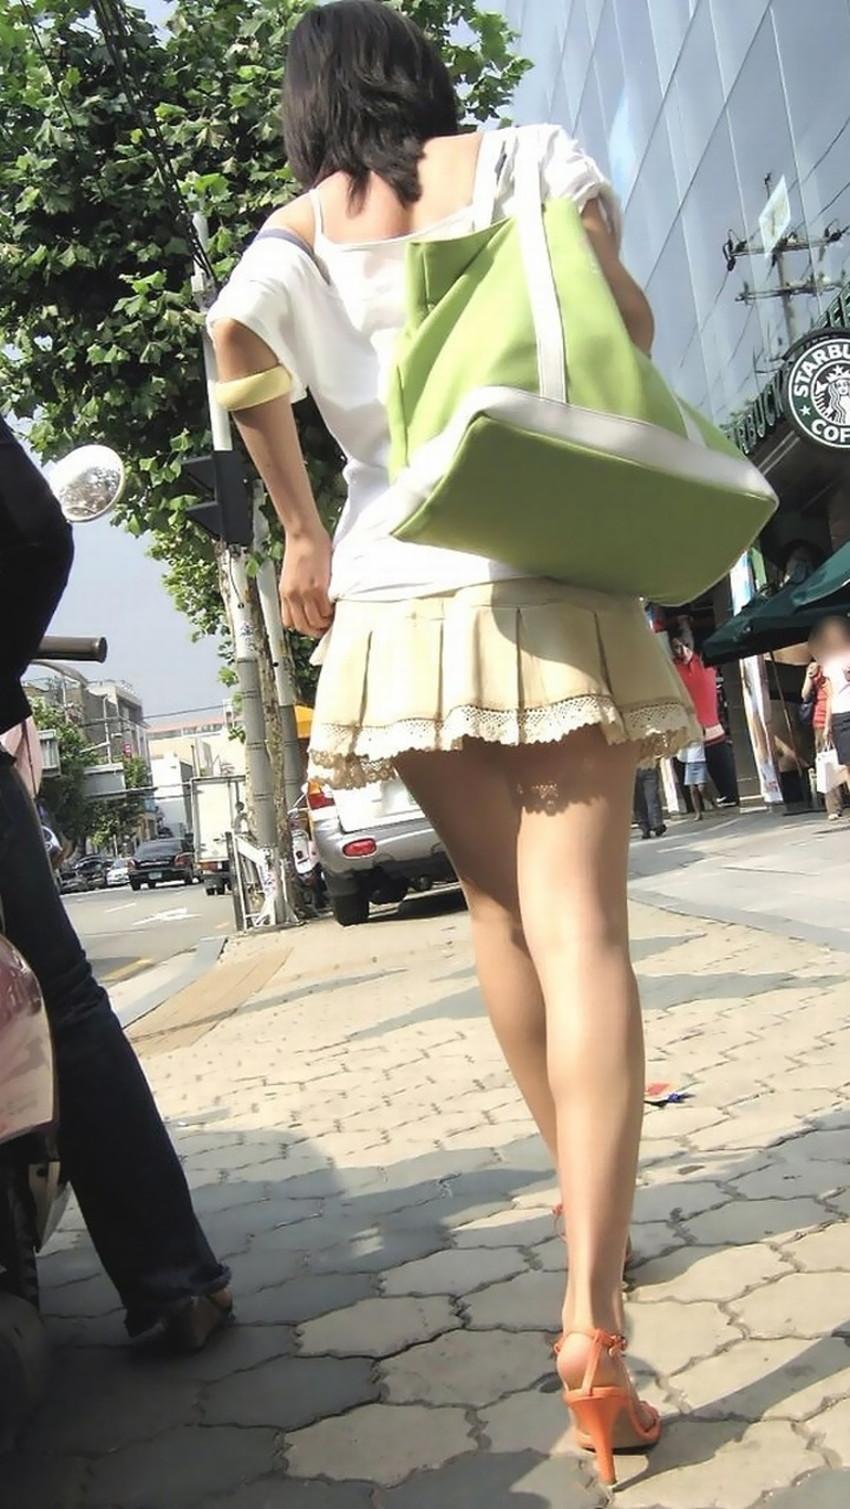 【生足女子エロ画像】ムチムチの太ももやふくらはぎがエロ過ぎる!パンスト無しで勝負する10代や20代の生足女子のエロ画像集!w【80枚】 31